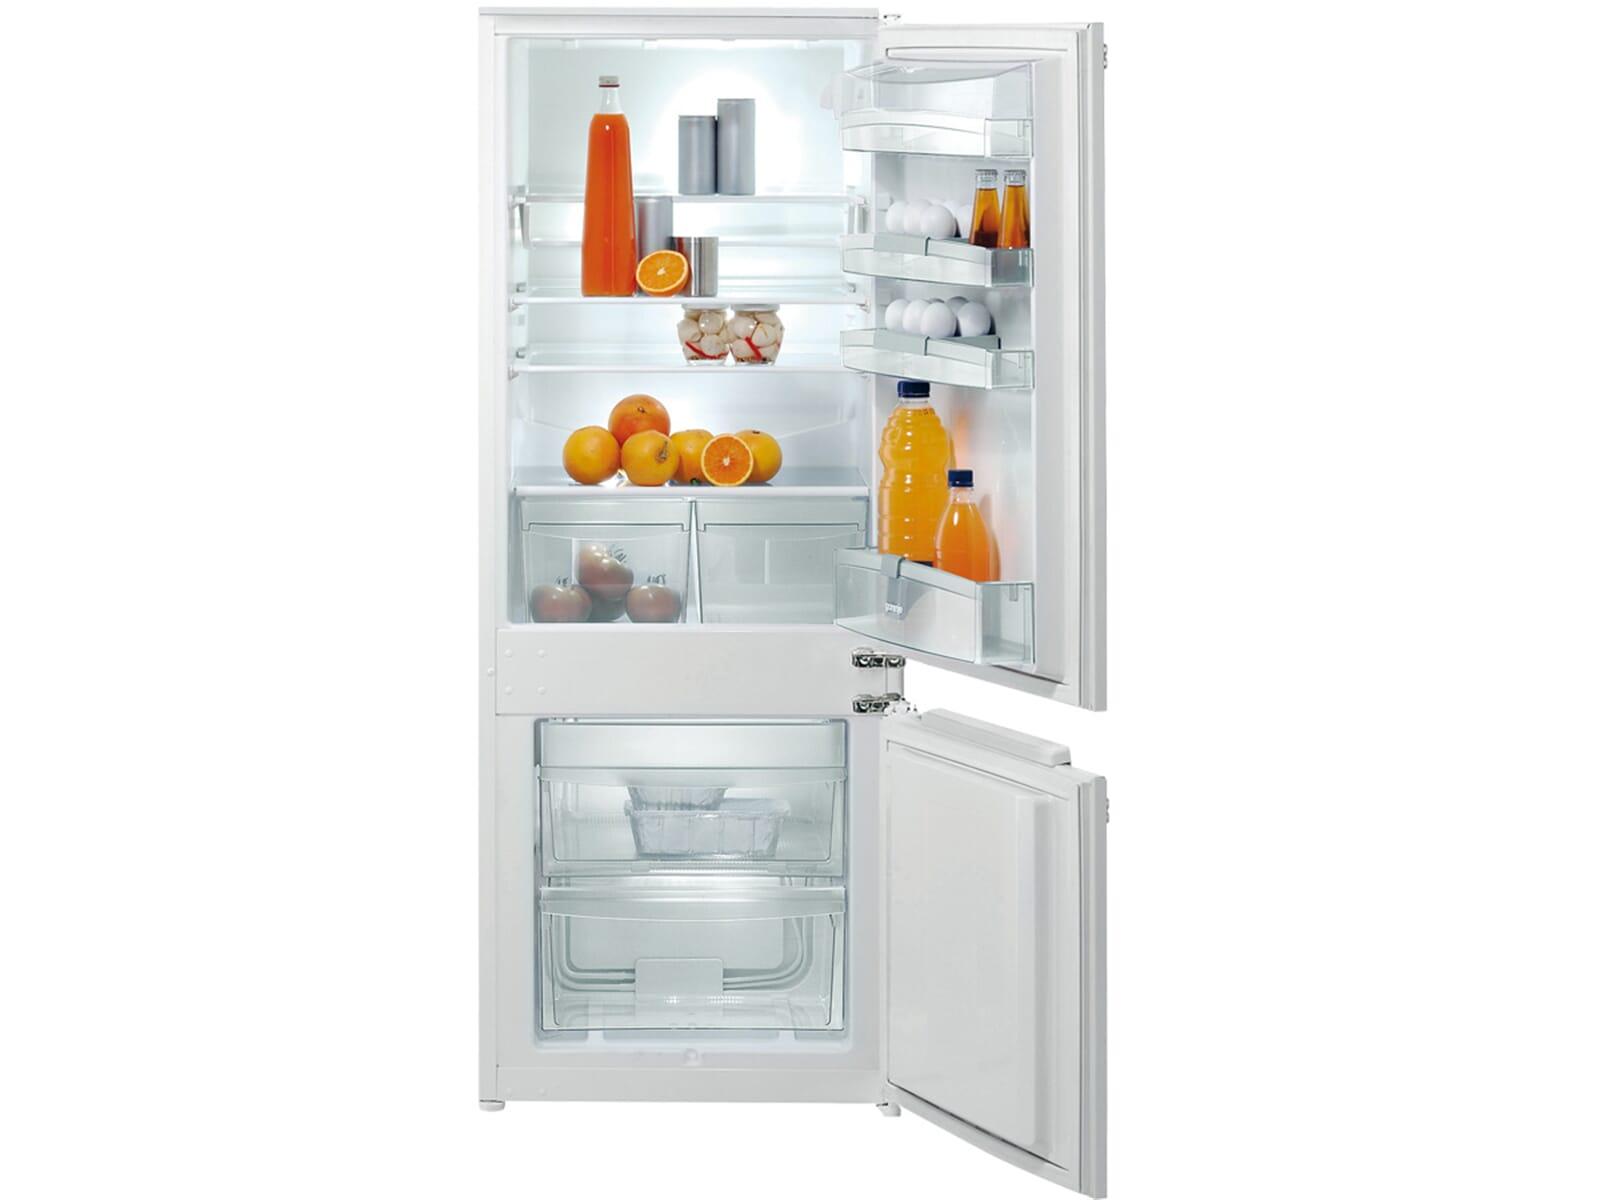 Gorenje Kühlschrank Orange : Gorenje kühlschrank gefrierkombination kühlschrank